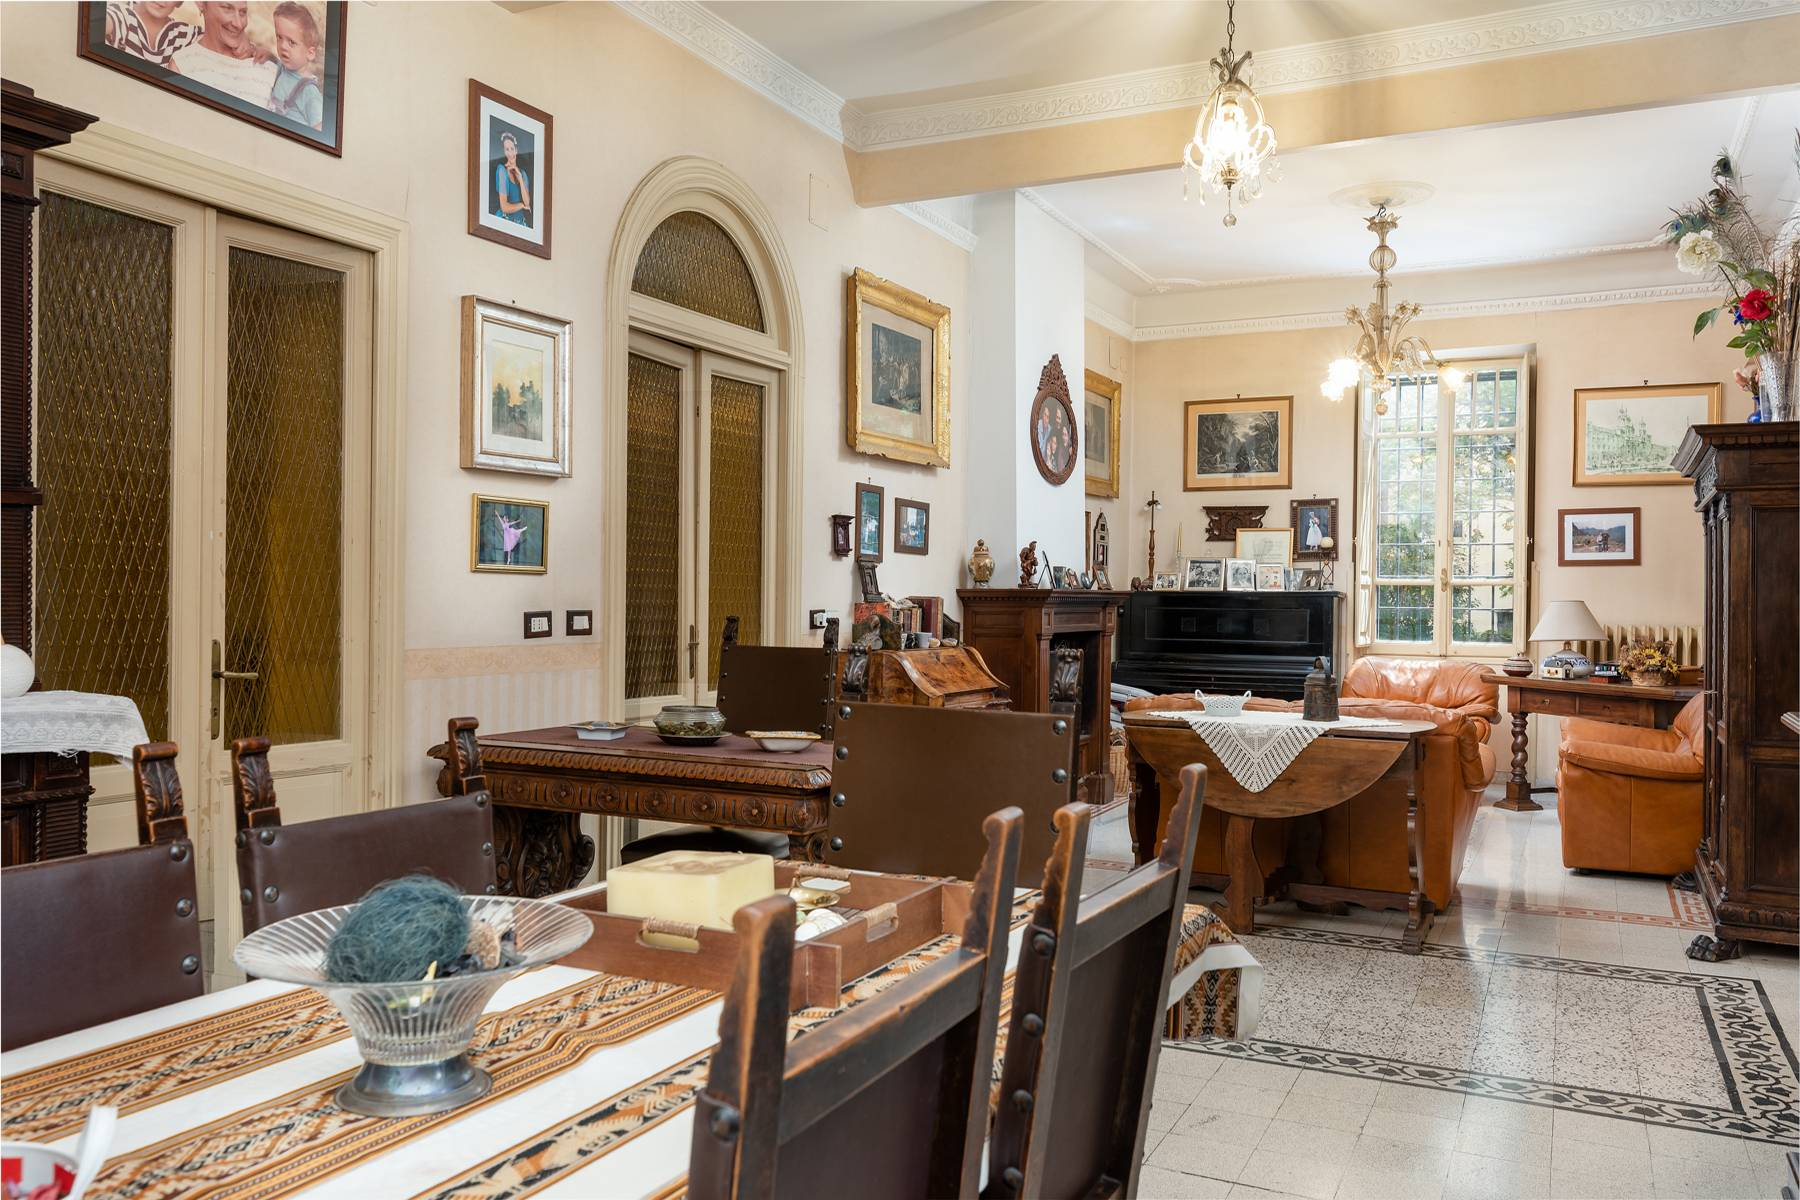 Villa in Vendita a Roma: 5 locali, 380 mq - Foto 14